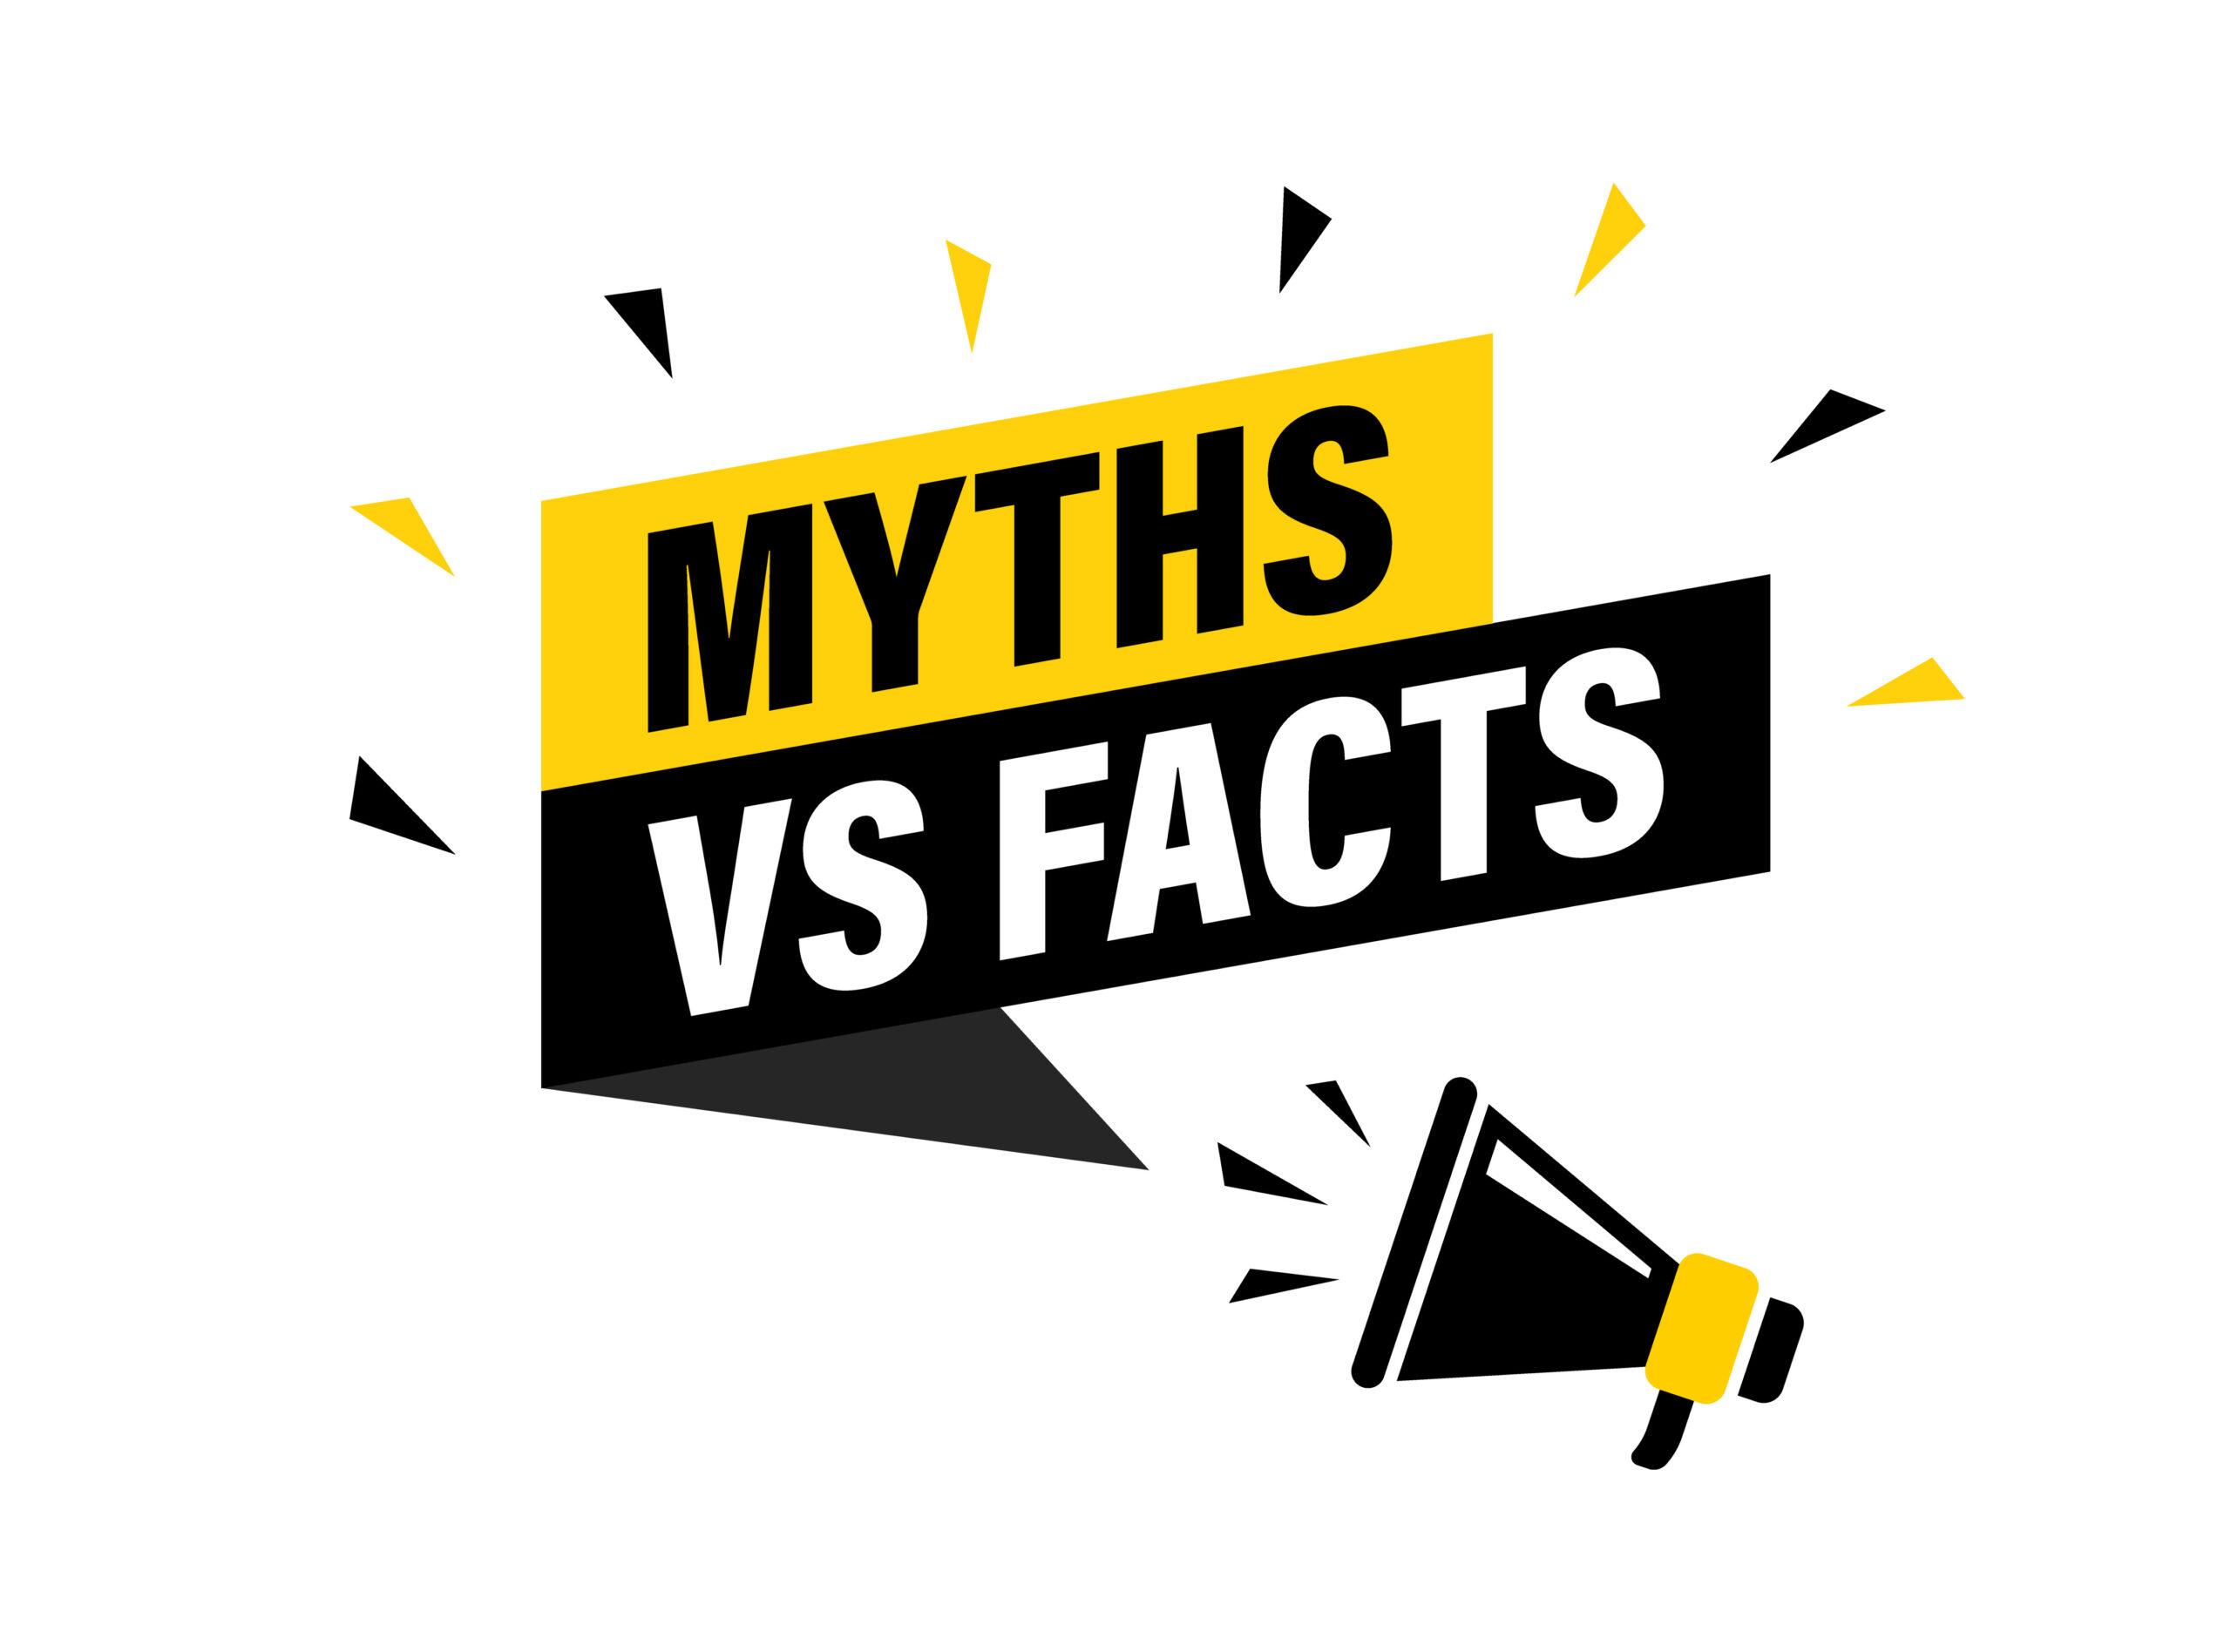 myth vs fact